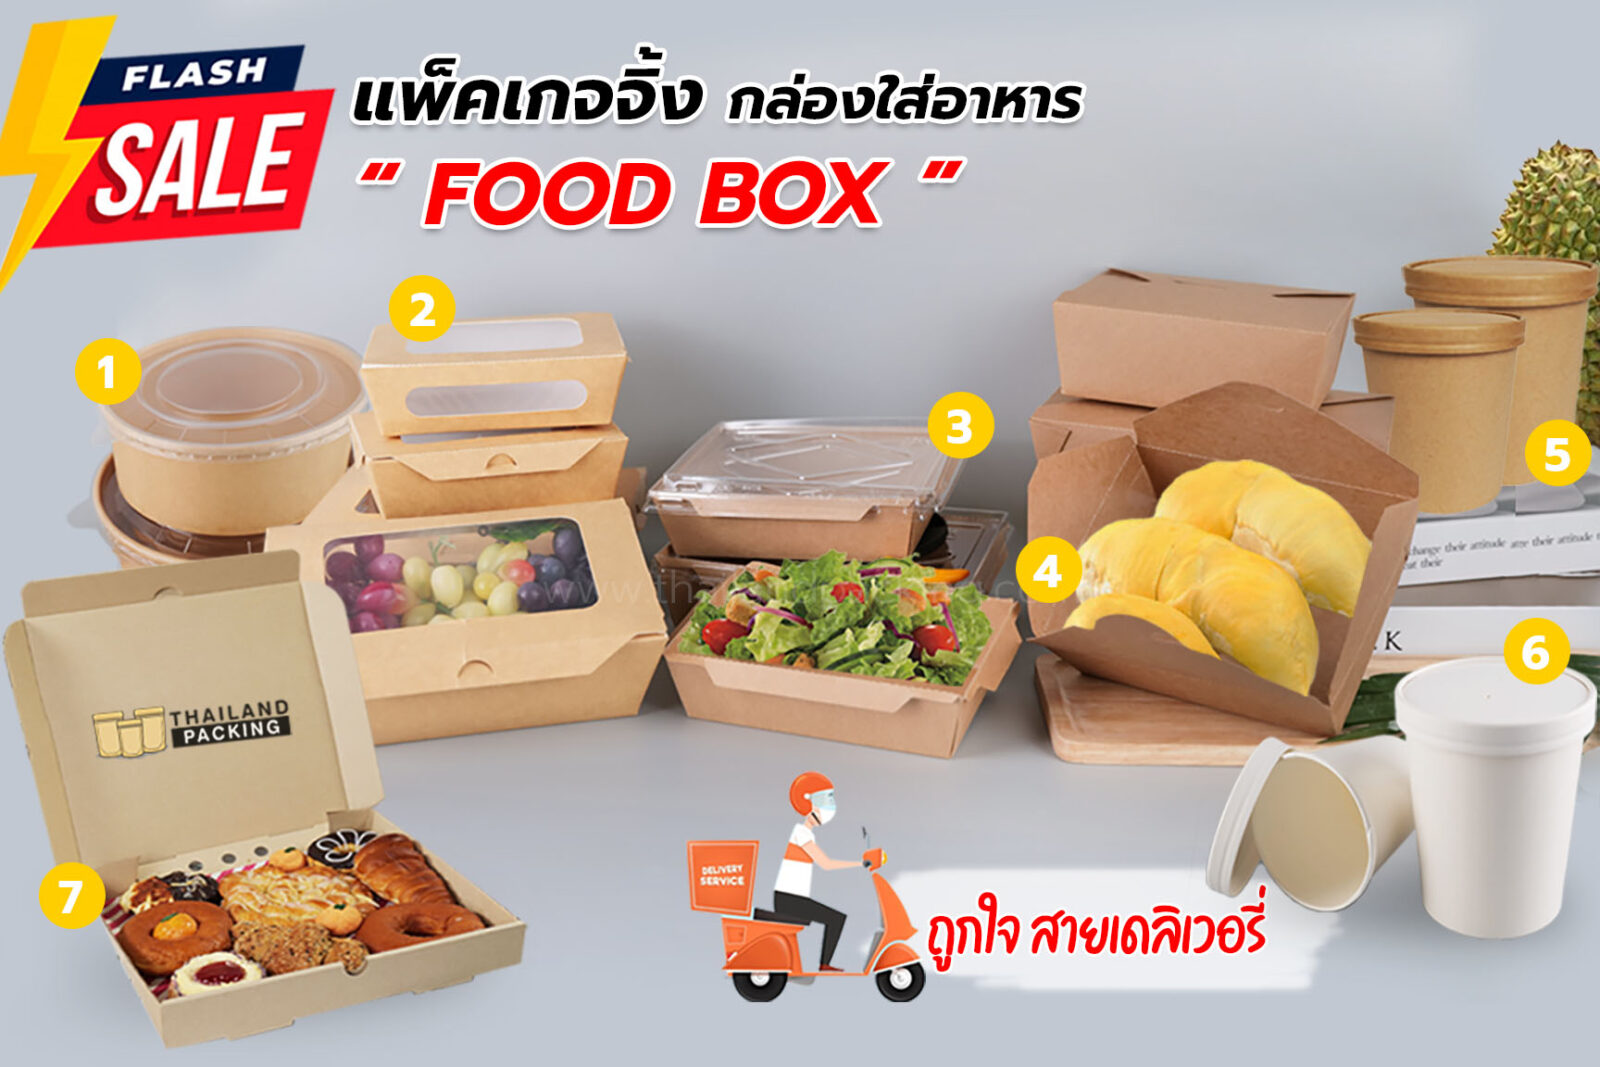 กล่องอาหาร กล่องกระดาษคราฟท์น้ำตาล-ขาว